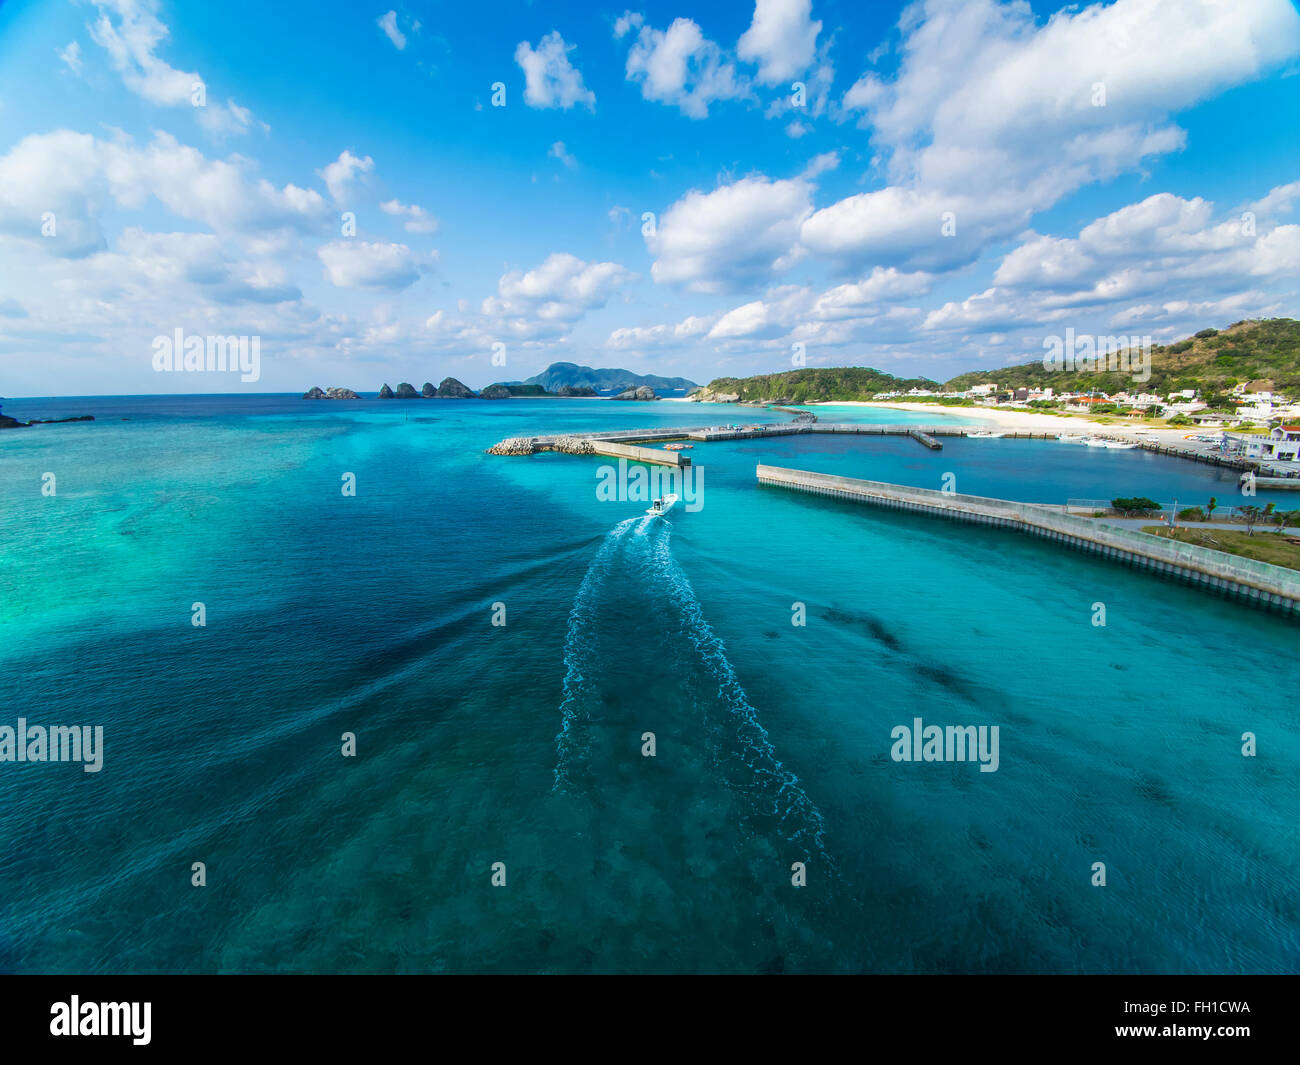 Beautiful sea of Okinawa Kerama Islands. - Stock Image